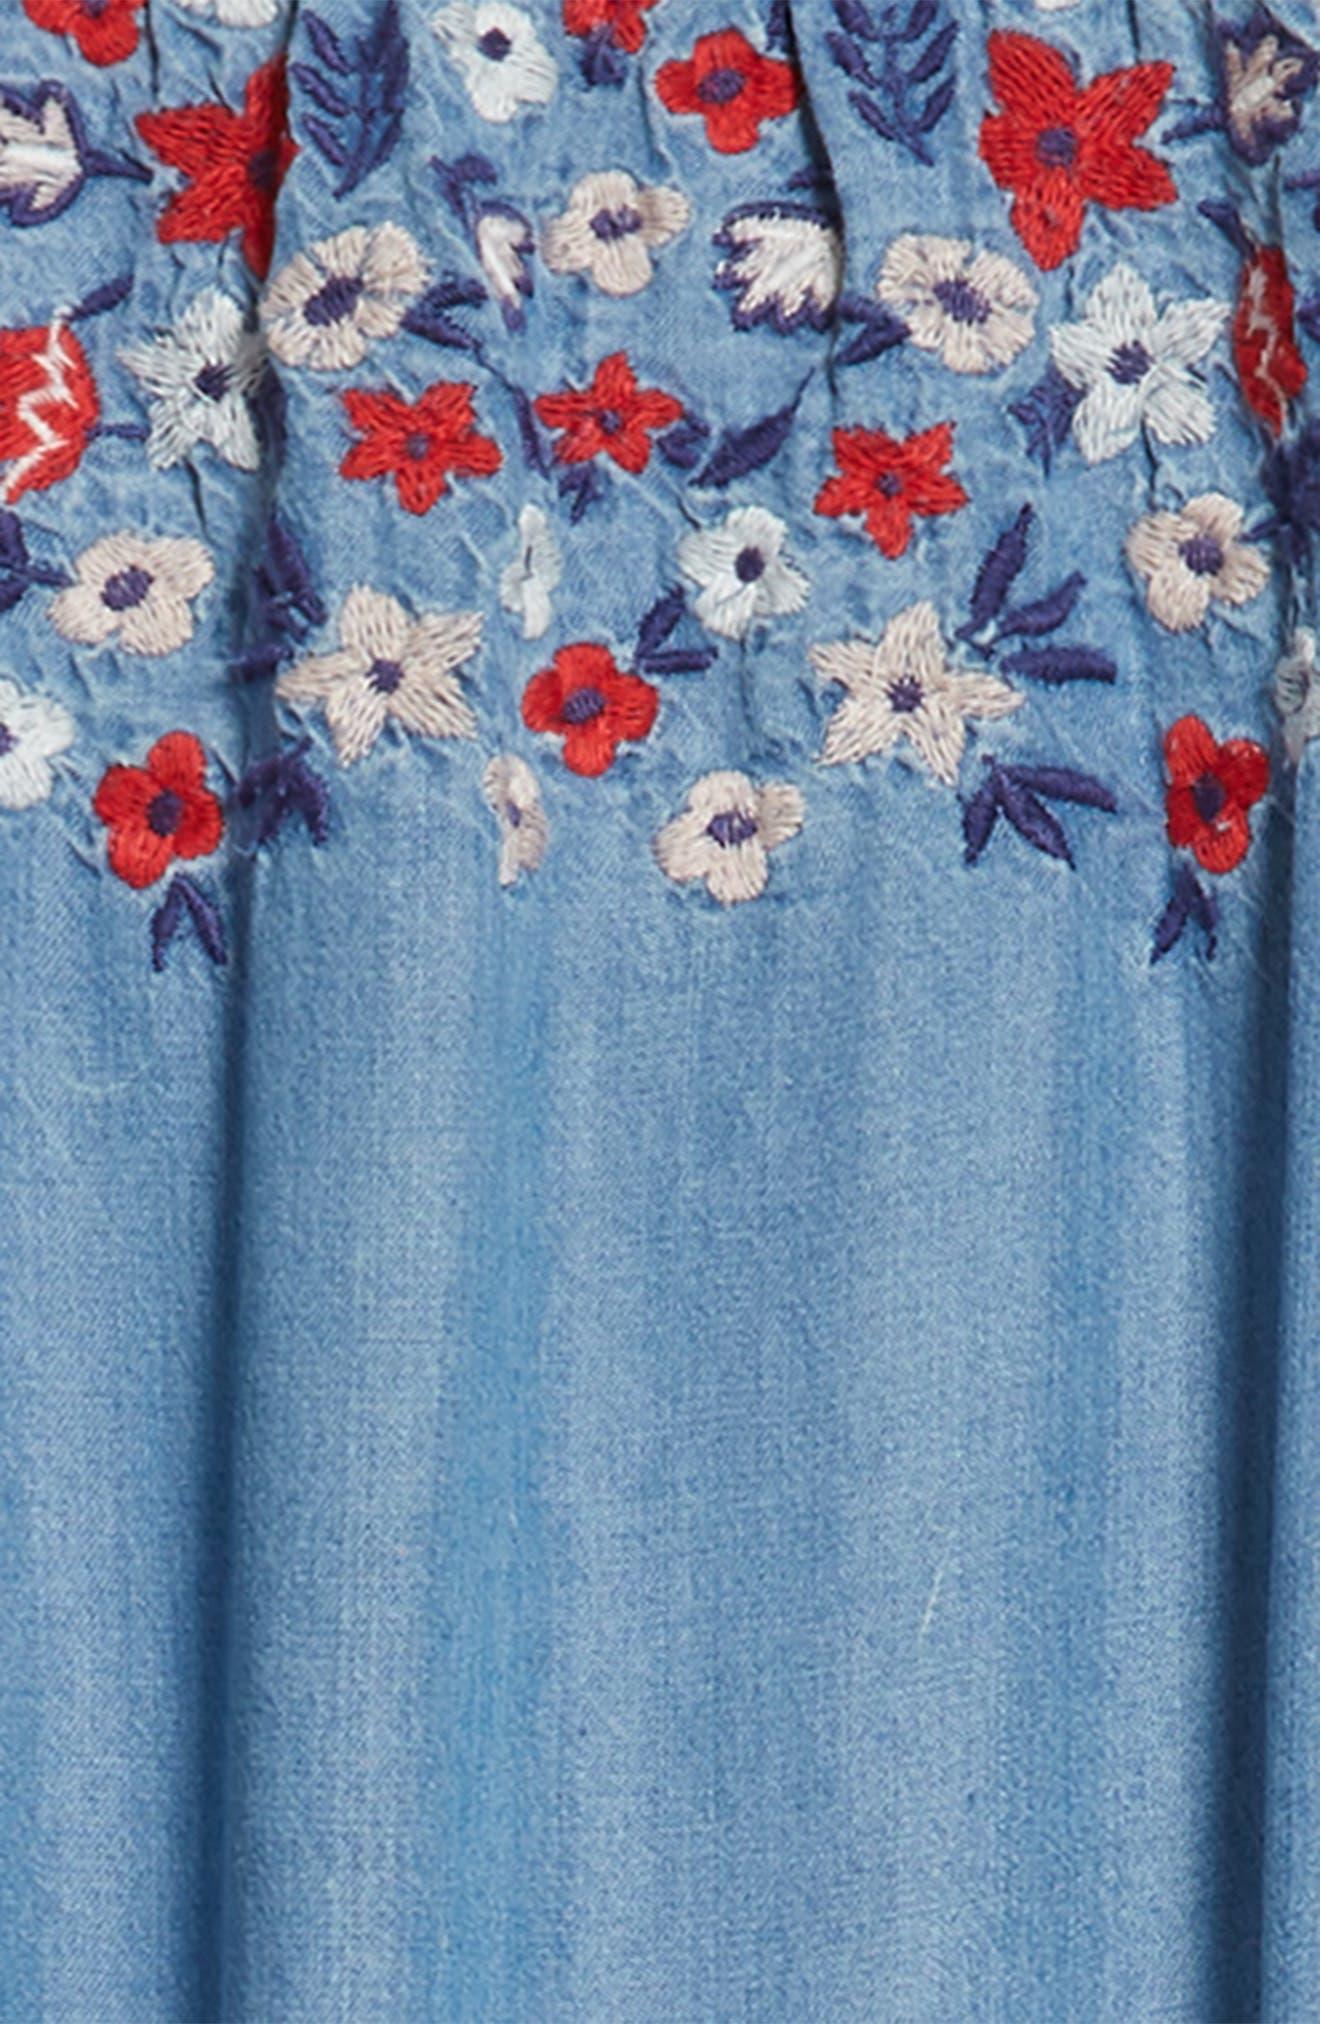 Flower Embroidered Off-the-Shoulder Dress,                             Alternate thumbnail 3, color,                             Blue River Wash